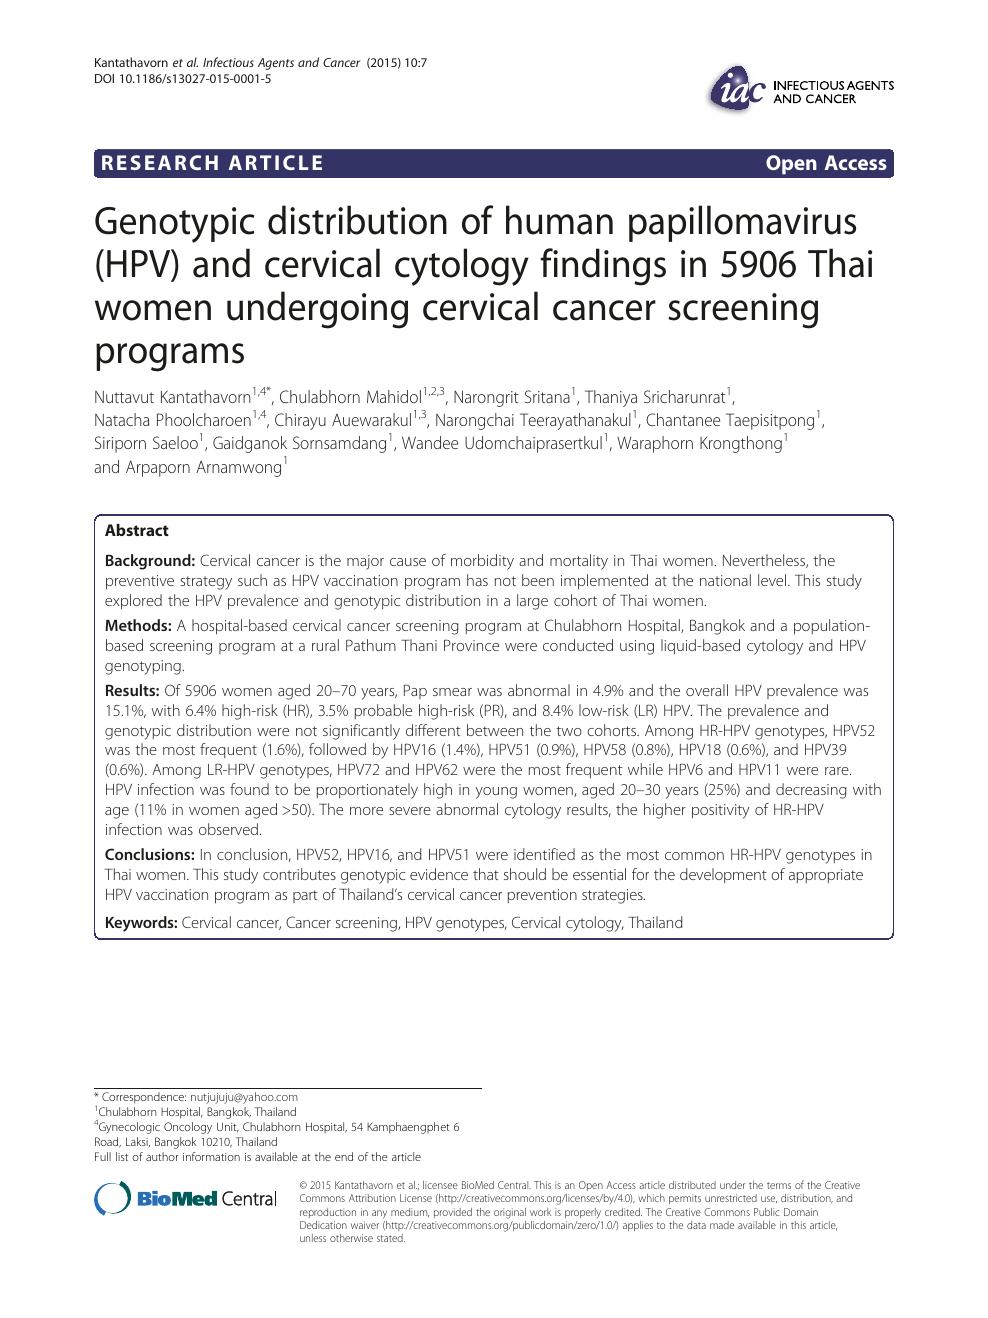 human papillomavirus article)